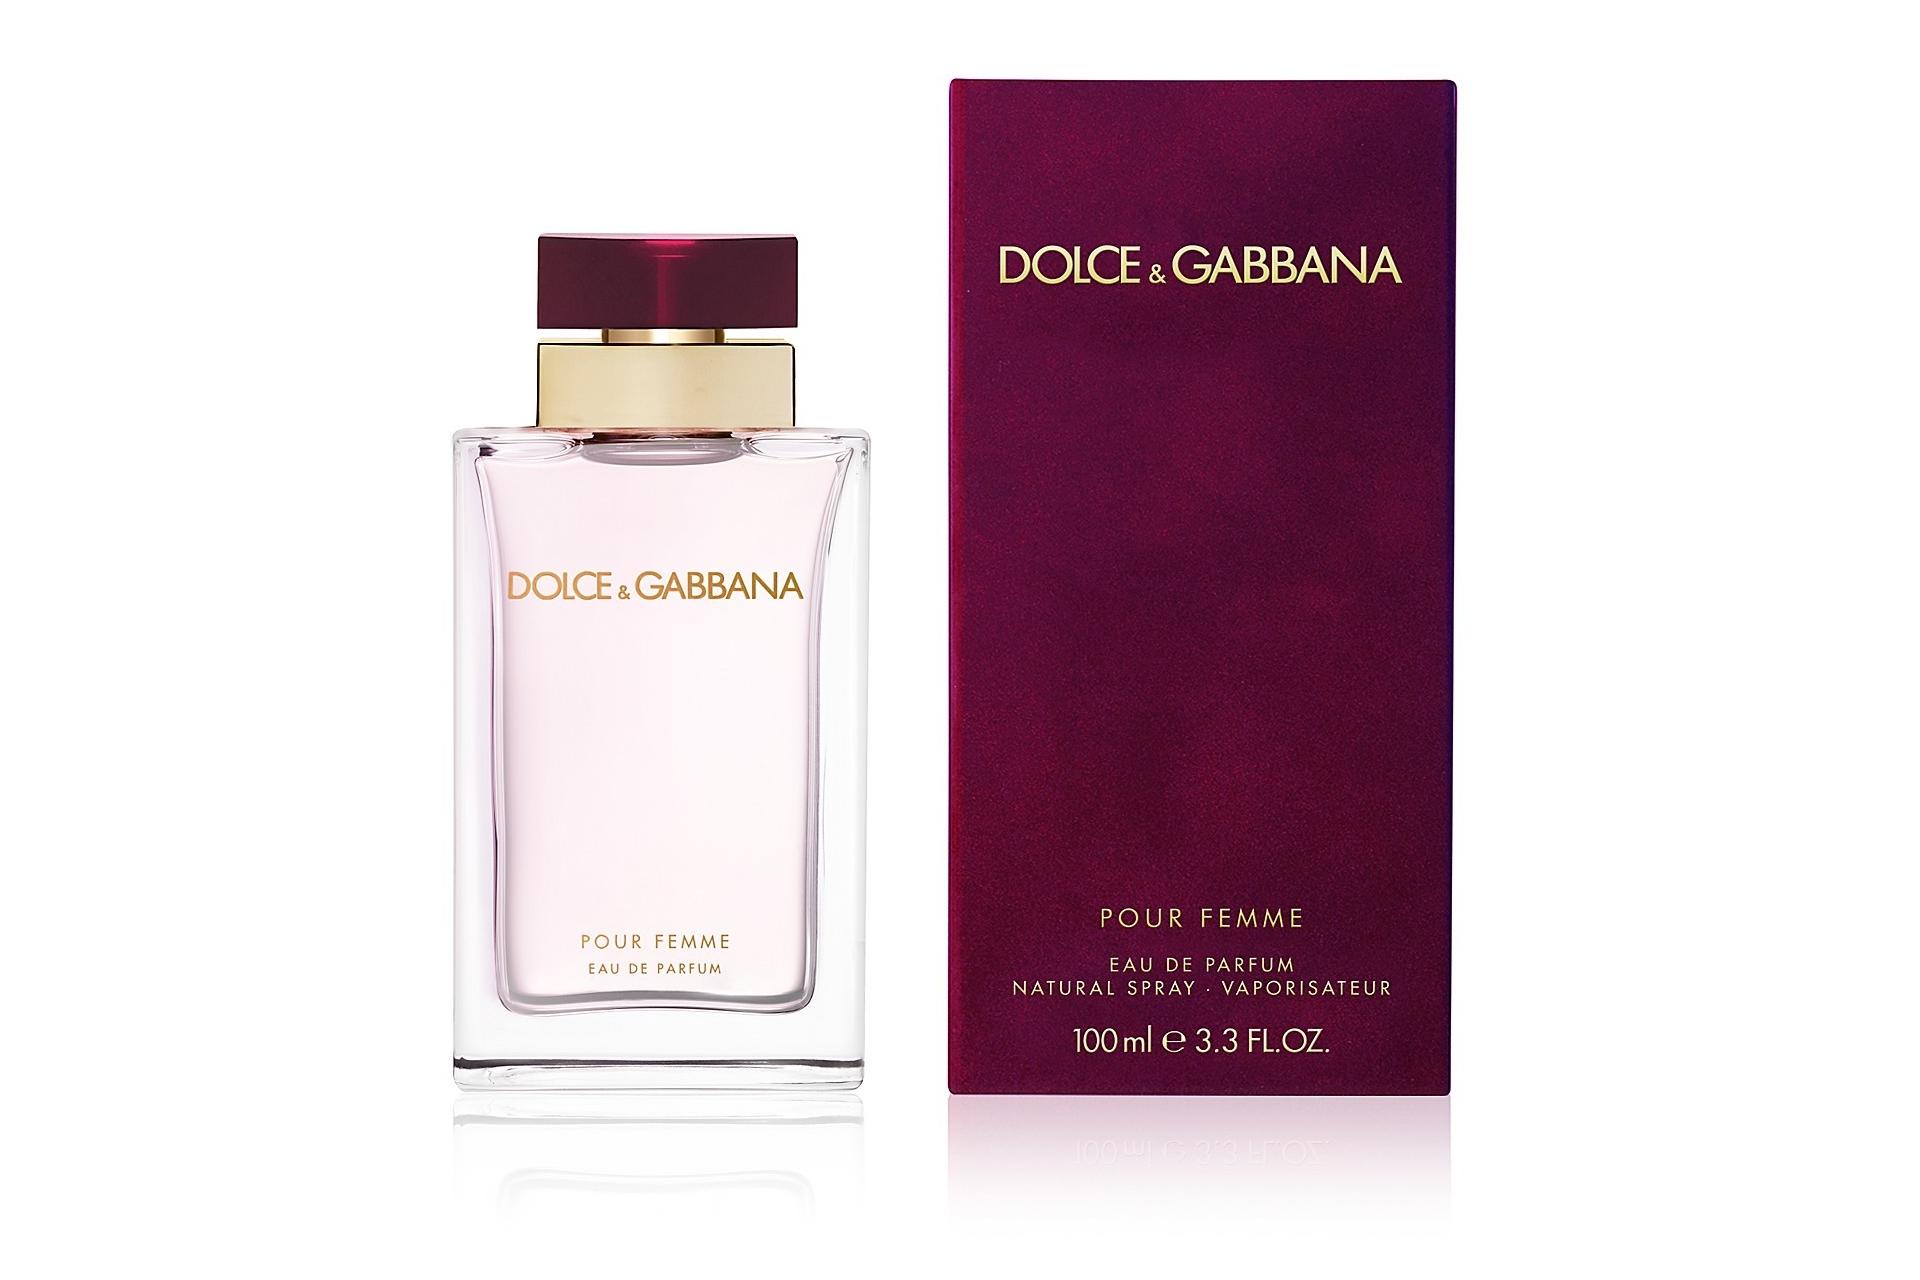 Парфюм Dolce & Gabbana Women был создан ещё в 1999 году, однако, и по сей день пользуется просто ошеломляющей популярностью среди женщин. Спустя год после своего выхода, а именно в 2000 году, порфюм был удостоен звания, как лучший женский аромат года. Данное звание было присвоено известной международной парфюмерной академией. Благодаря полученной награде, духи моментально стали известными на весь мир. Абсолютно каждая женщина мечтала о том, чтобы стать их обладательницей. Духи Dolce & Gabbana Women способны в полной мере выразить все чувства его обладательницы, придавая ей дополнительной уверенности, неотразимости, а также целеустремлённости.  Волшебный и потрясающий аромат можно одновременно назвать резким и нежным, где слышны некоторые мужские нотки, но именно настолько, сколько необходимо, чтобы подчеркнуть Вашу решительность. В парфюмах Dolce & Gabbana Women наблюдаются свежие ноты мандарина и бергамота, которые подчёркивают свежесть базилика, а капелька жасмина, перемешиваясь с ландышем, делает аромат духов максимально чувственным и нежным, перед которым просто невозможно устоять. Абсолютно каждая девушка без исключения будет в полном восторге от этих духов. Этот аромат перенесёт разум в новый волшебный мир, где присутствуют только яркие эмоции, откуда вряд ли захочется когда-нибудь вернуться.  Парфюм хранит в себе множество самых разнообразных тайн, постоянно манит к себе. Постарайтесь погрузиться в неизведанный и сокровенный мир мечтаний и естественности с этими прекрасными парфюмами. Запомните этот небольшой миг настоящей свободы, погрузитесь в сказочный сон мечтаний, ведь теперь всё это реально вместе с Dolce & Gabbana Women. Данный аромат позволит любой девушке моментально выделиться из толпы благодаря своему неповторимому запаху, при этом он заставляет оборачиваться каждого очарованного мужчину.  Он идеально подойдёт для романтических встреч с любимым, который совершенно не сможет устоять перед Вашим новым обликом. А Вам ничего не понадобиться делать для 